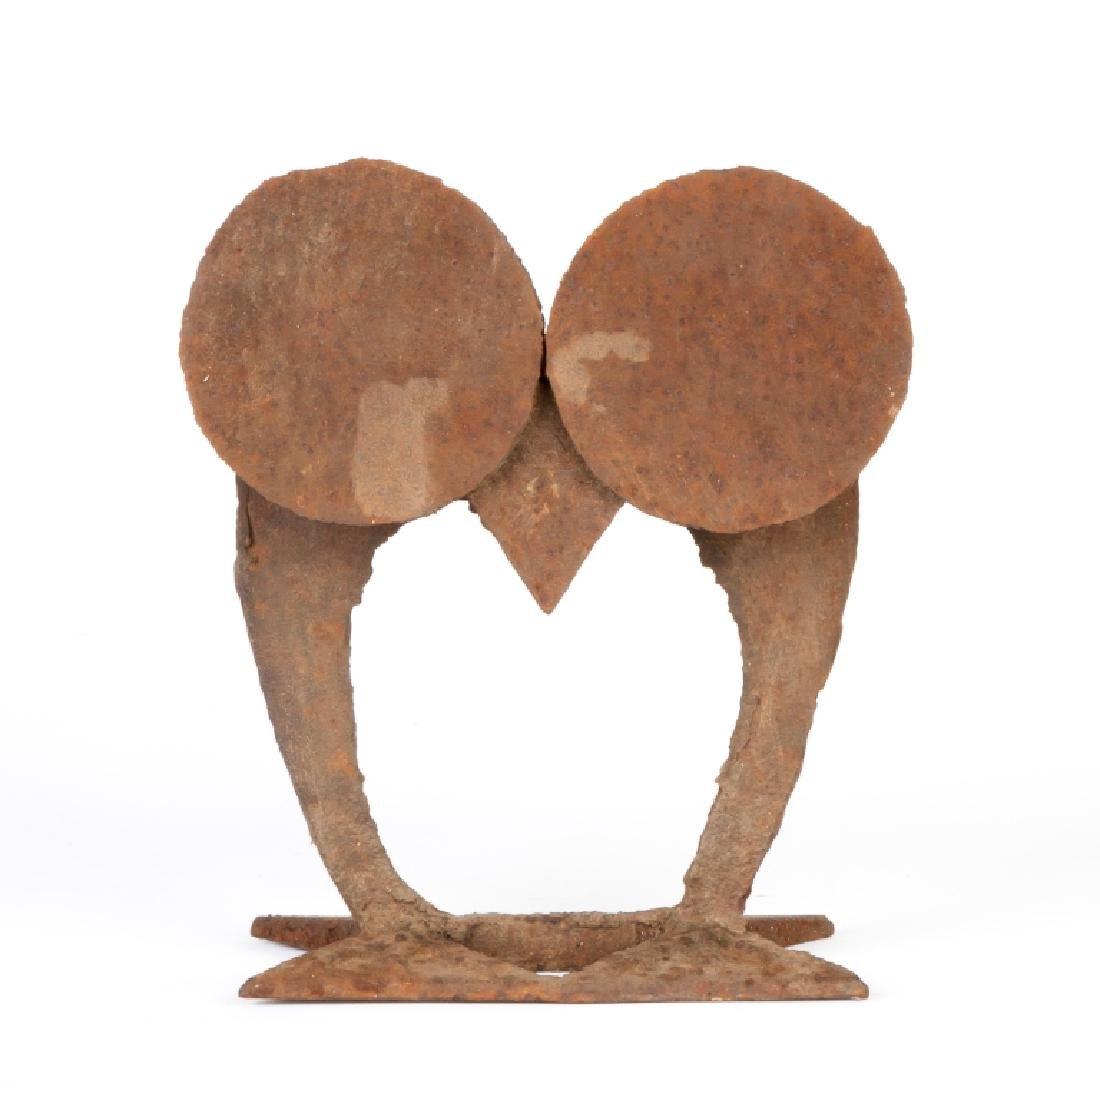 Albert Leon Wilson (American, 1920-1999) Sculpture